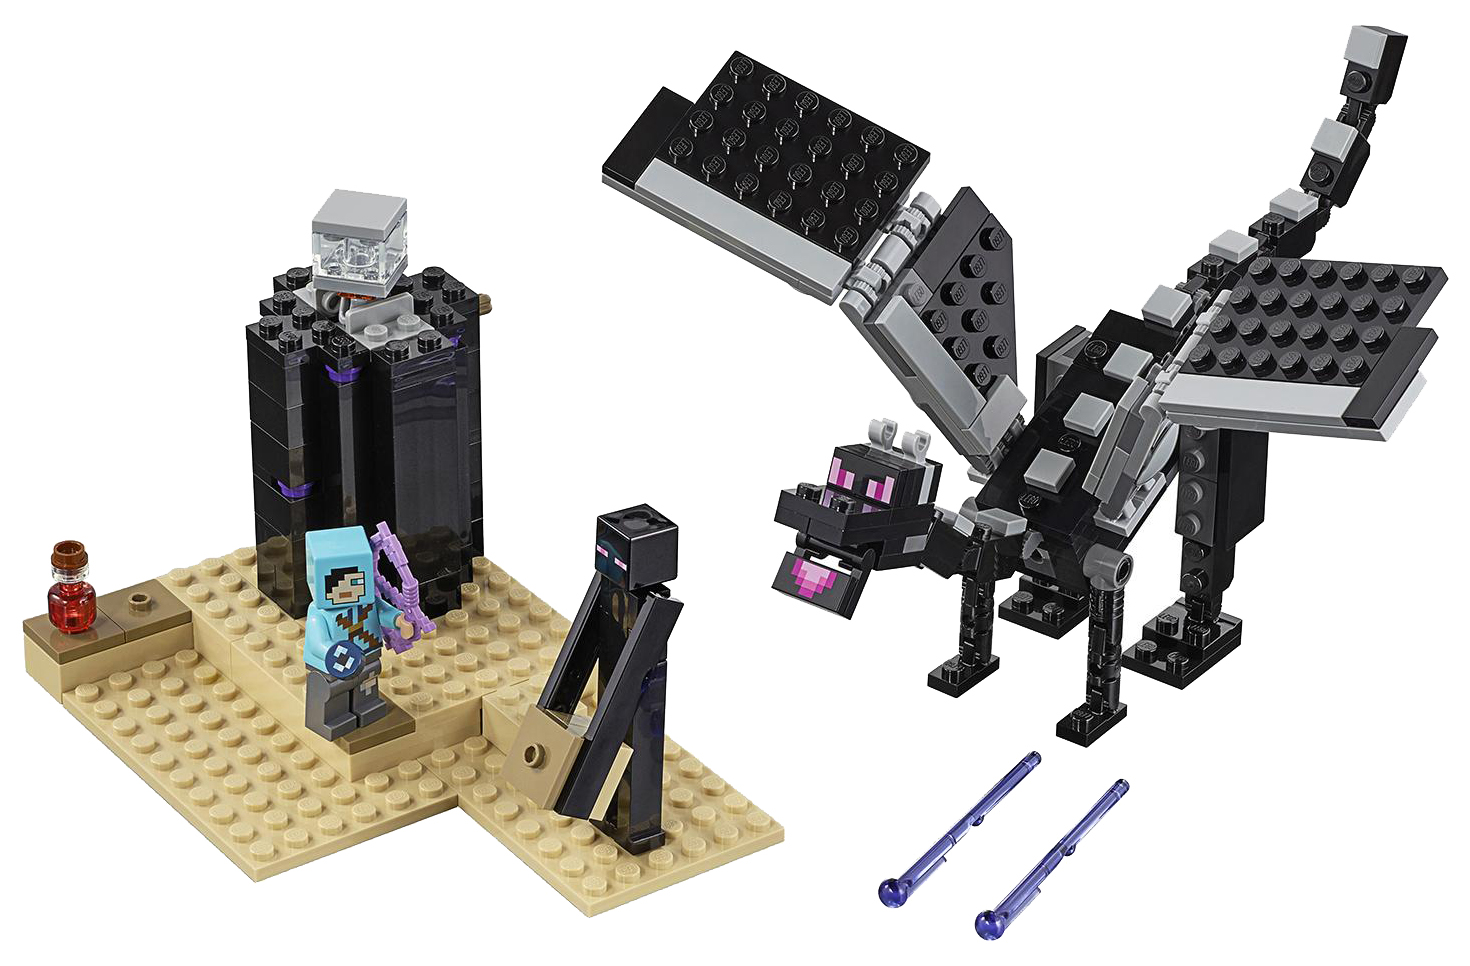 Купить Конструктор lego minecraft 21151 последняя битва, Конструктор LEGO Minecraft 21151 Последняя битва,